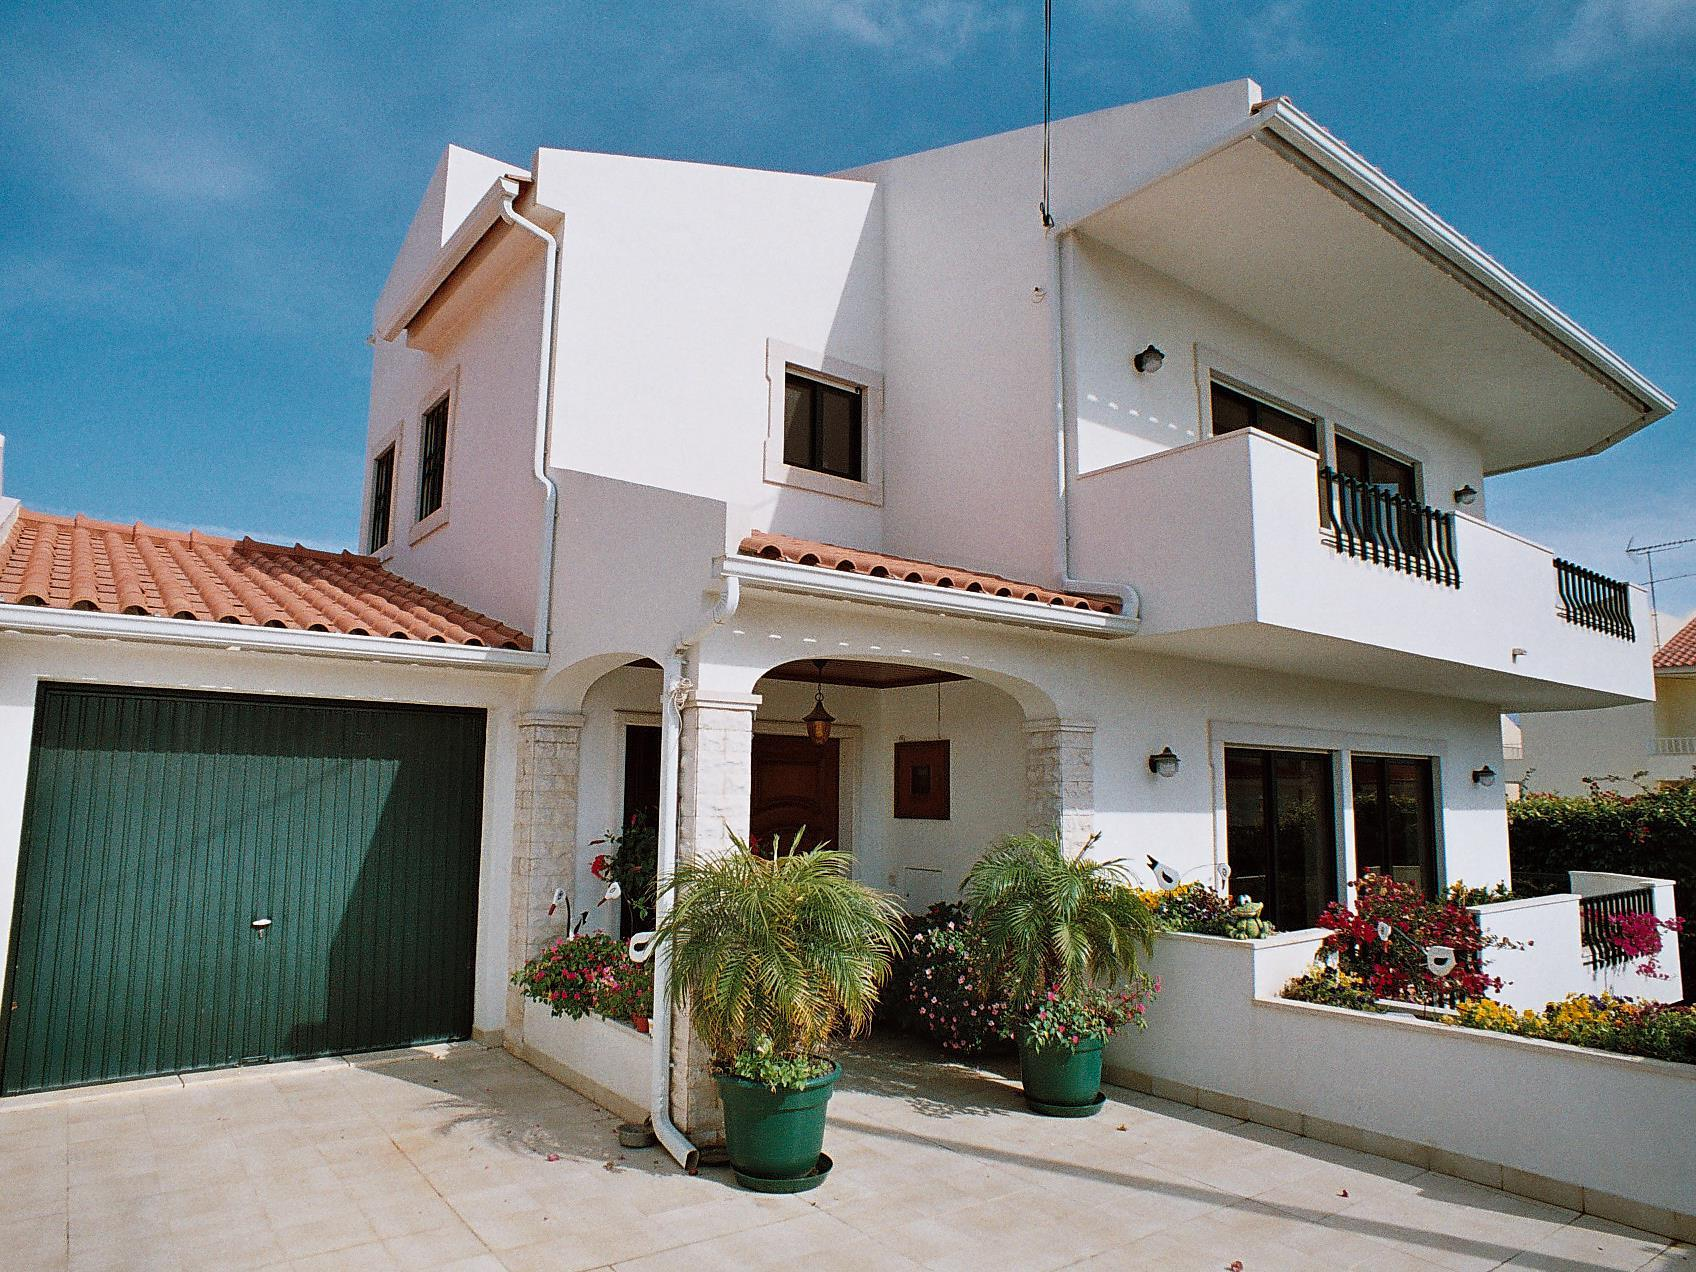 独户住宅 为 销售 在 House, 6 bedrooms, for Sale Cascais, 葡京 葡萄牙